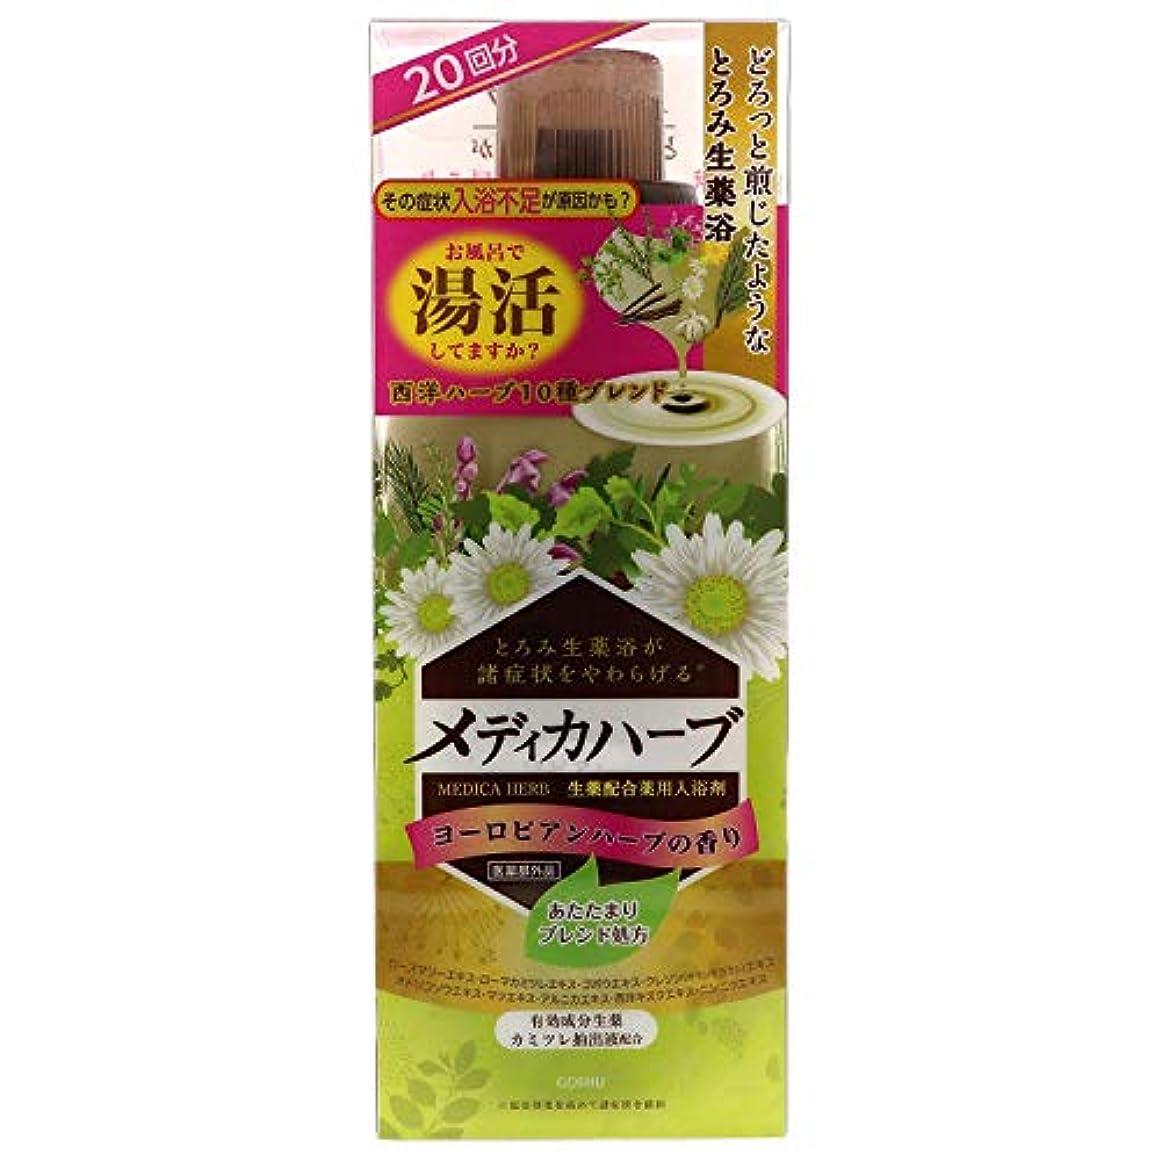 雑多な送料重要メディカハーブ ヨーロピアンハーブの香り 400ML(20回分) [医薬部外品]